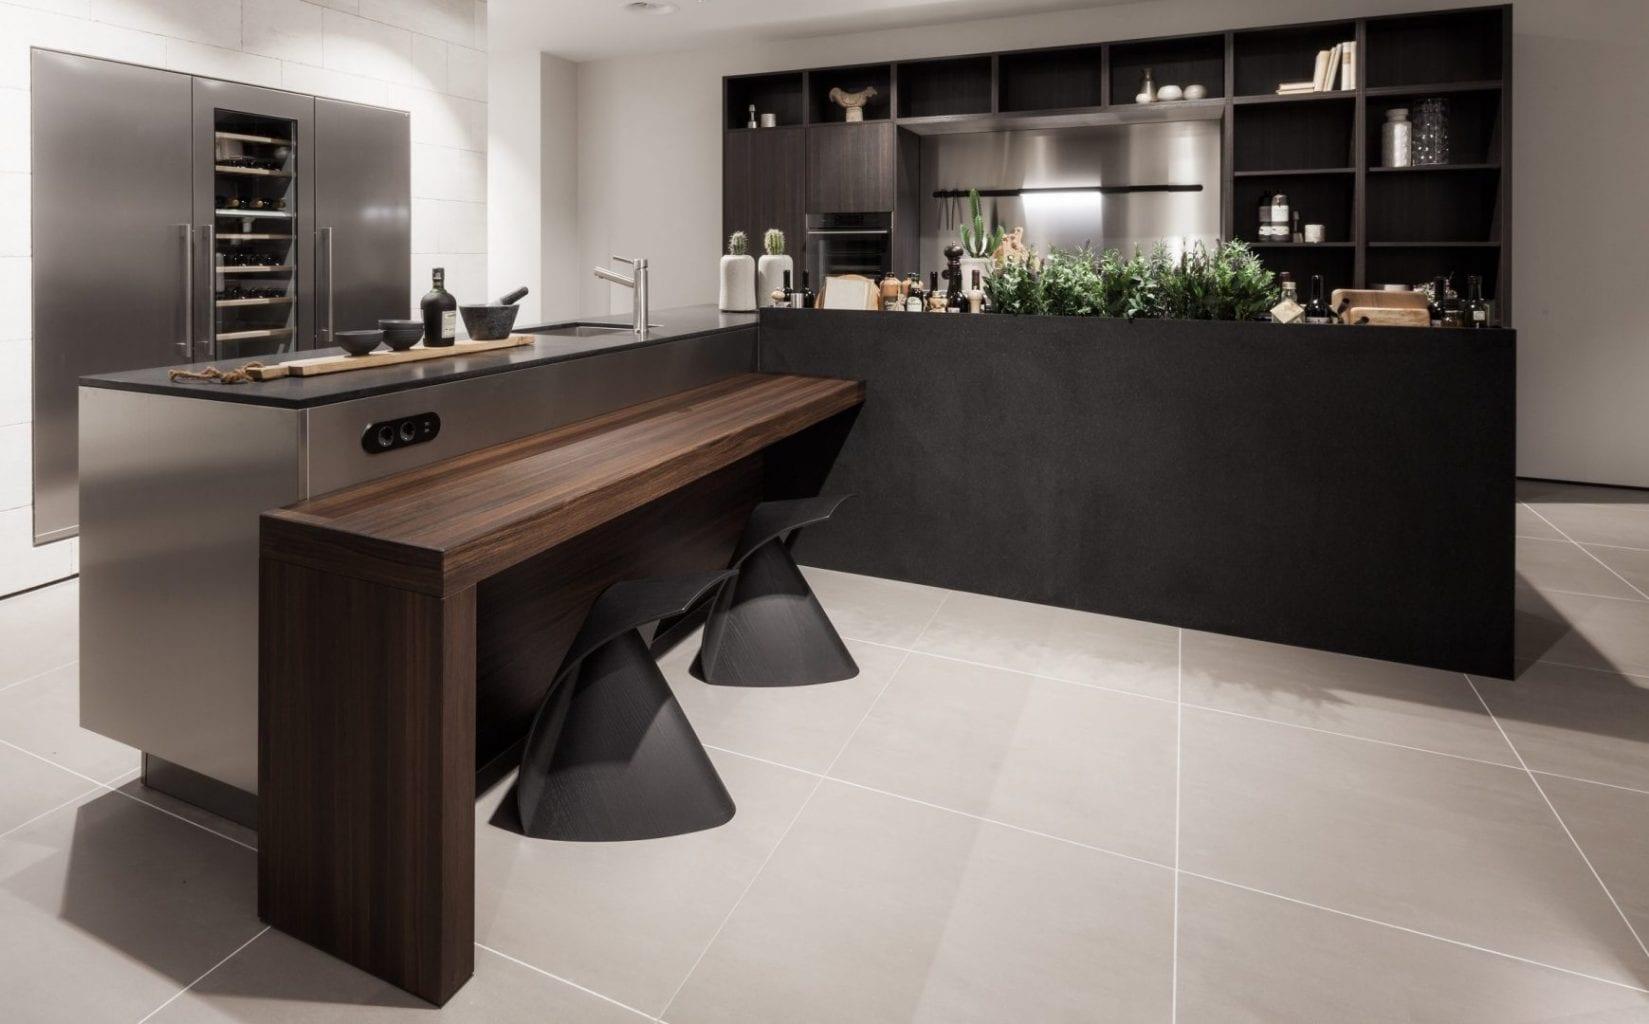 Design Keukens Eindhoven : Keukens in regio eindhoven goergen keukens meubelplein ekkersrijt